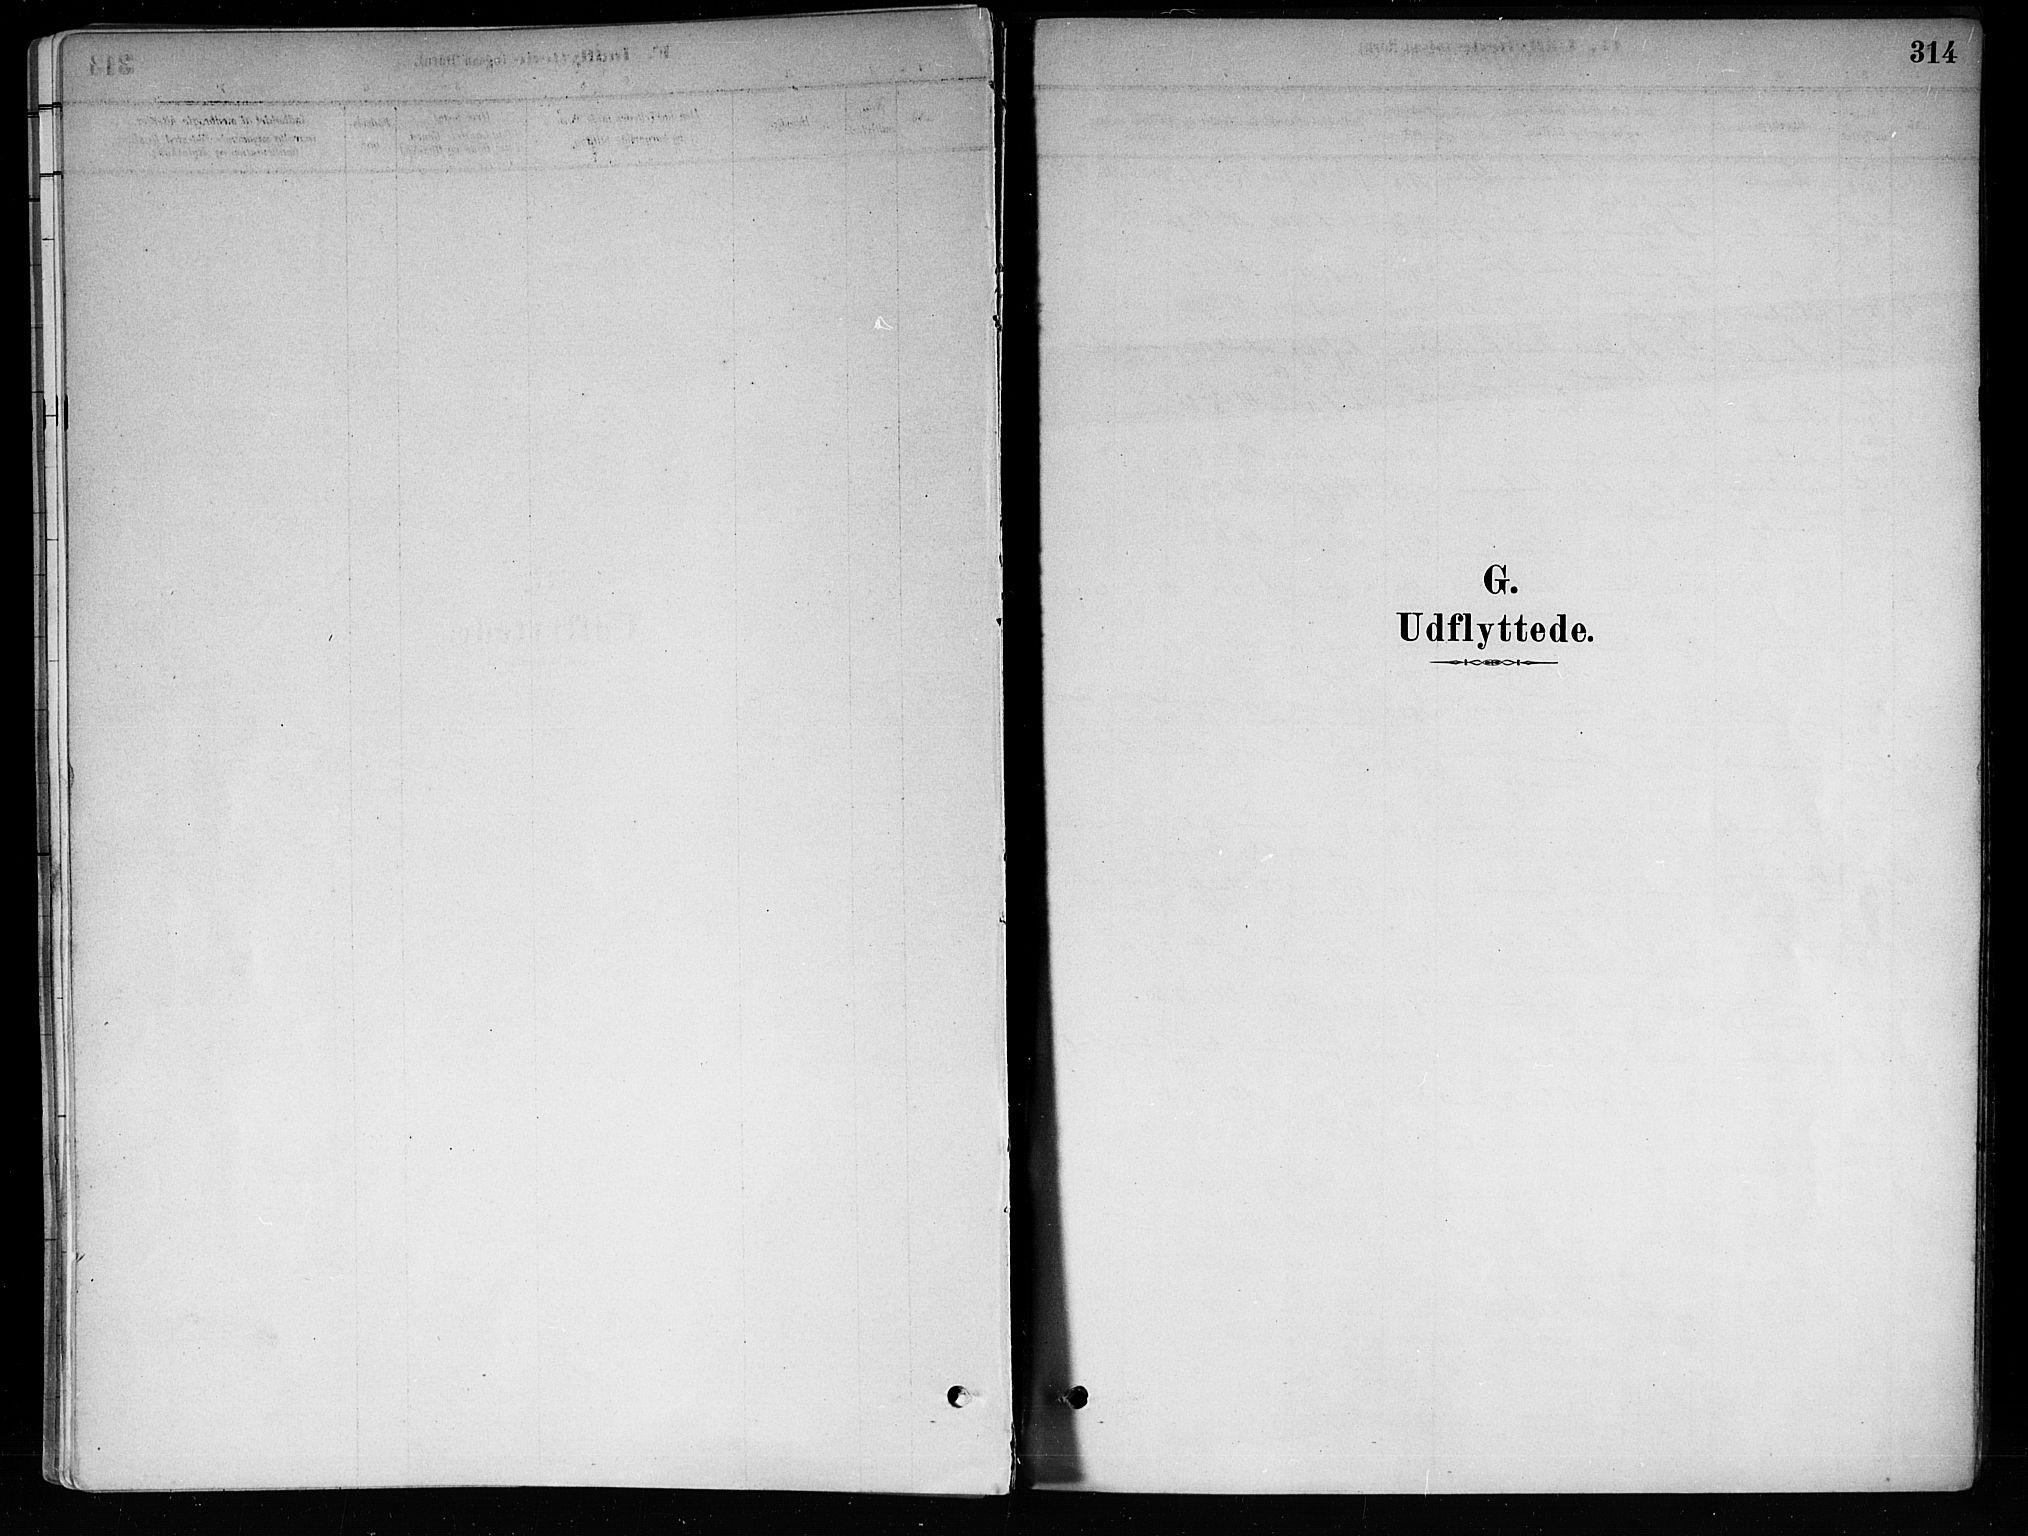 SAKO, Røyken kirkebøker, F/Fa/L0008: Ministerialbok nr. 8, 1880-1897, s. 314